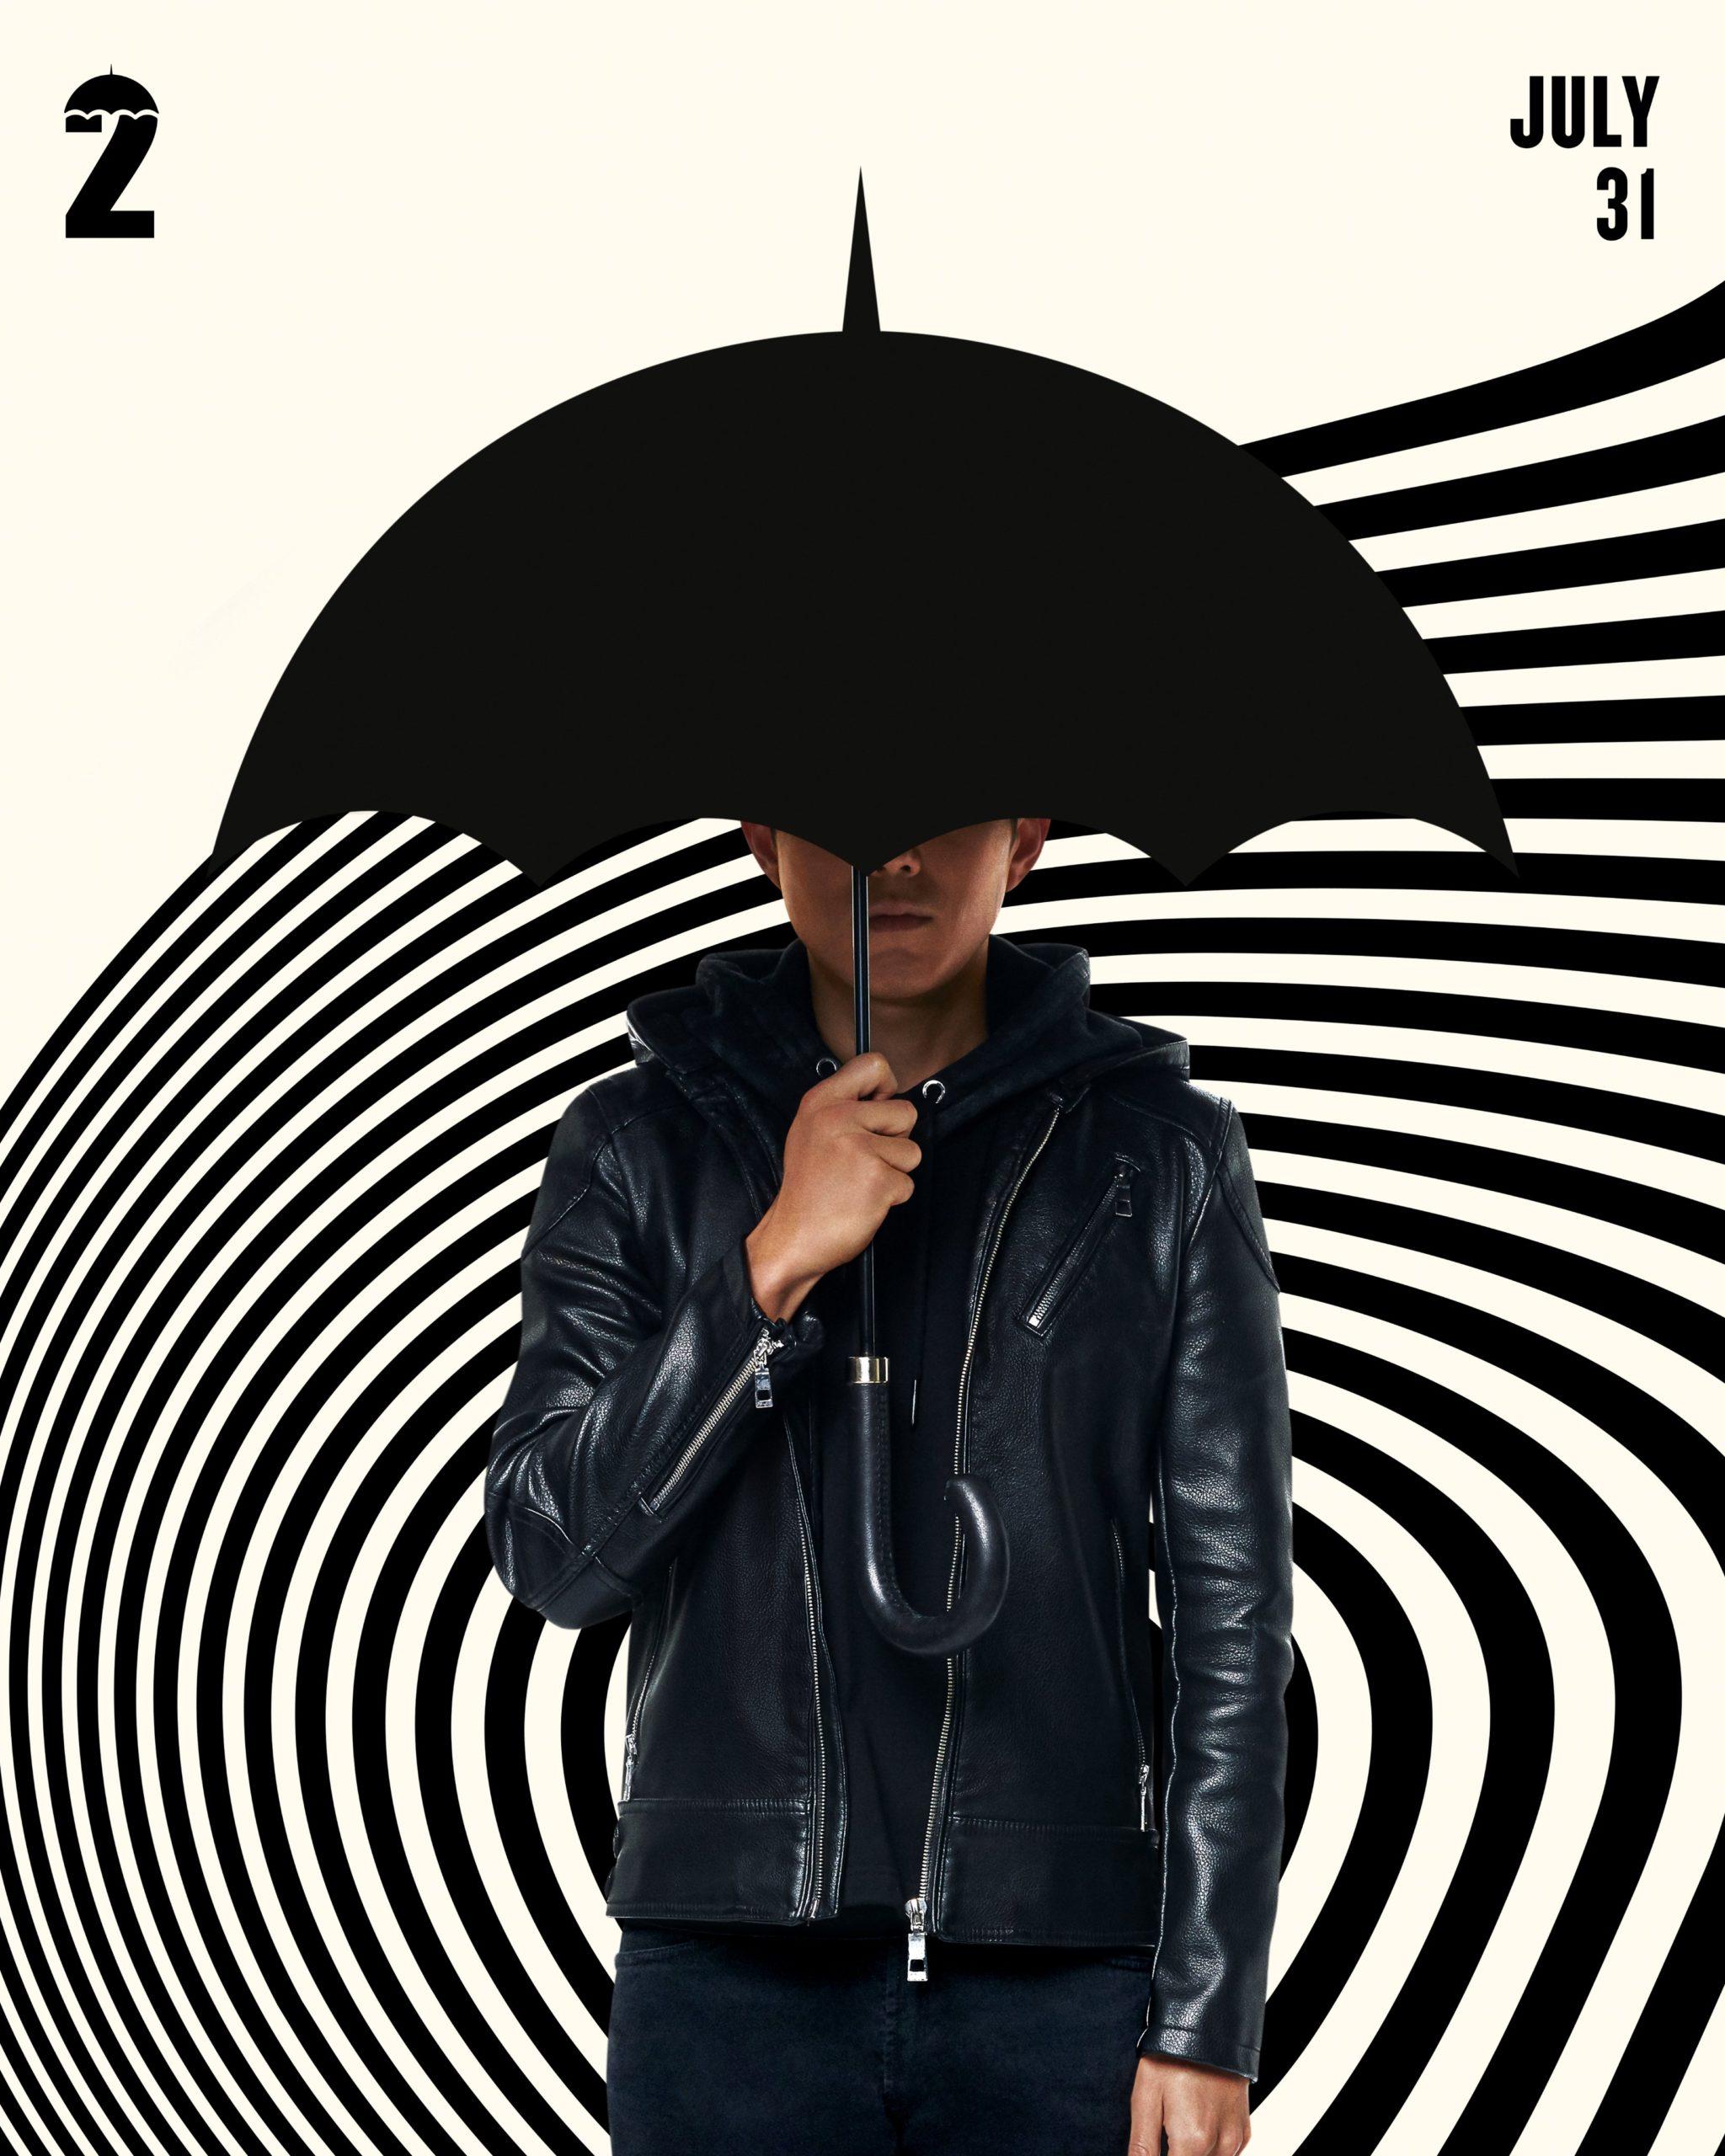 The Umbrella Academy – Ben